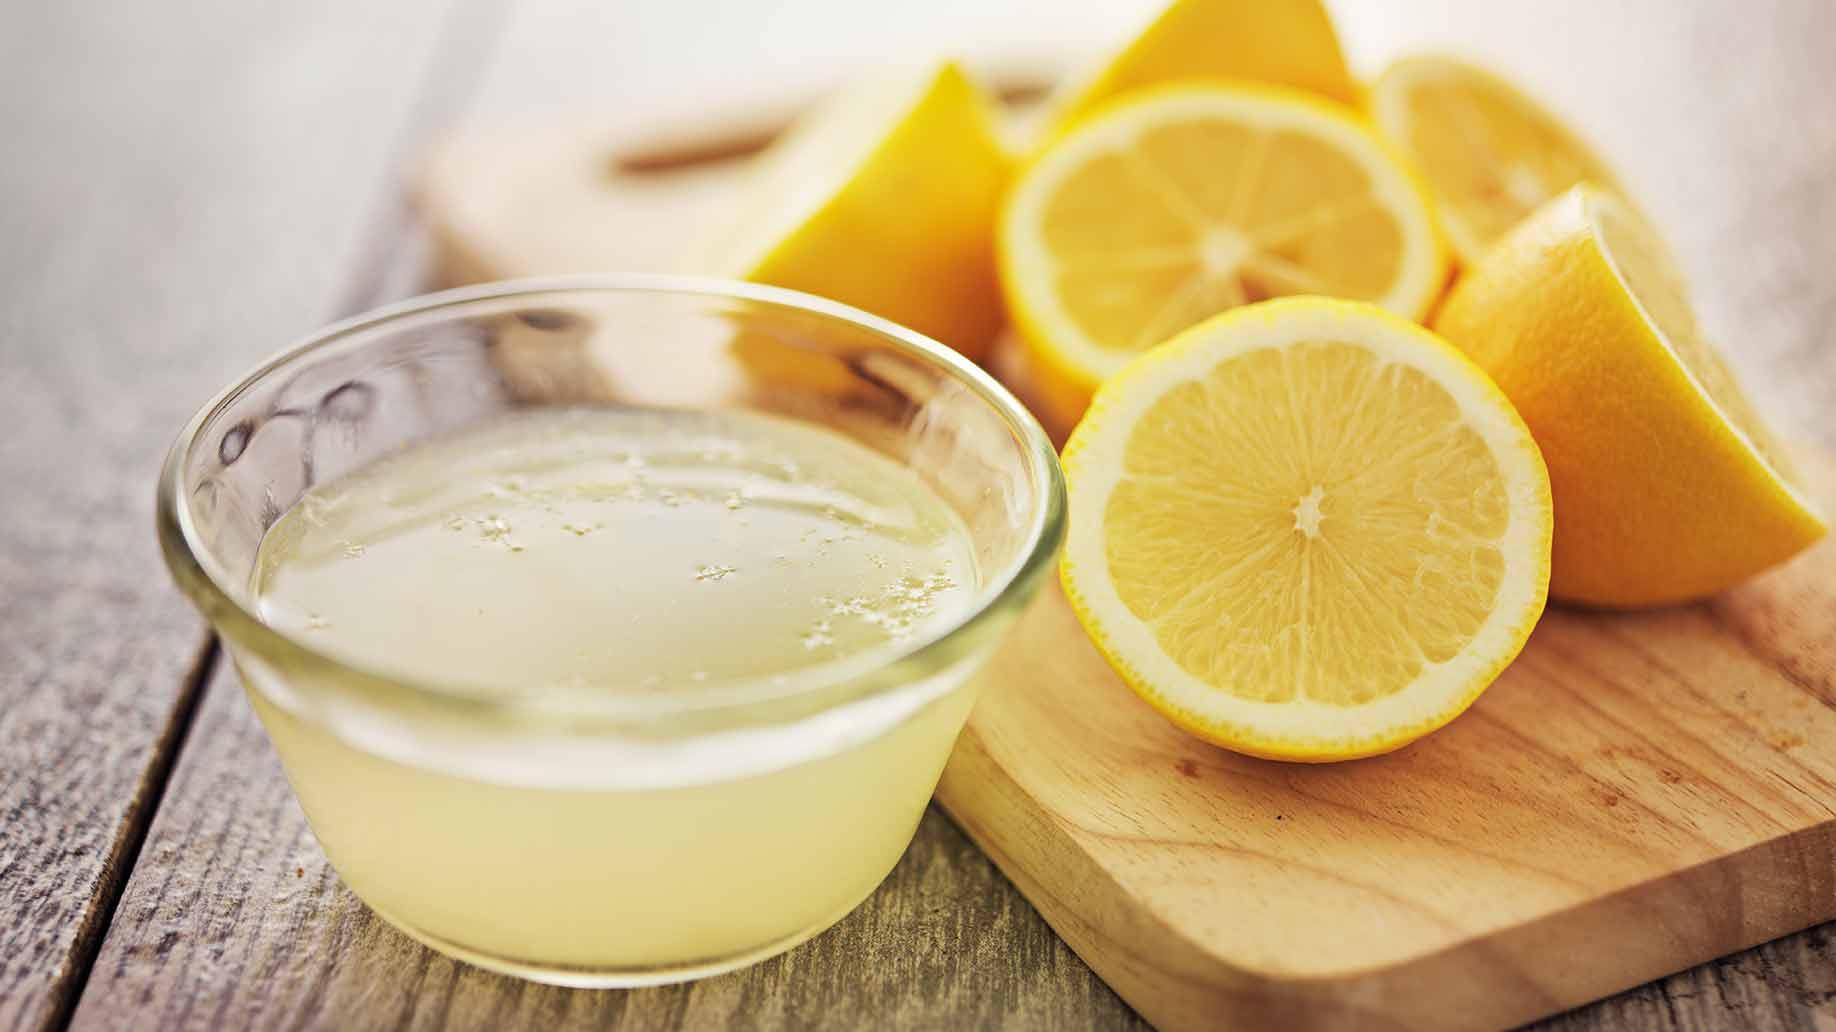 レモンとその果汁